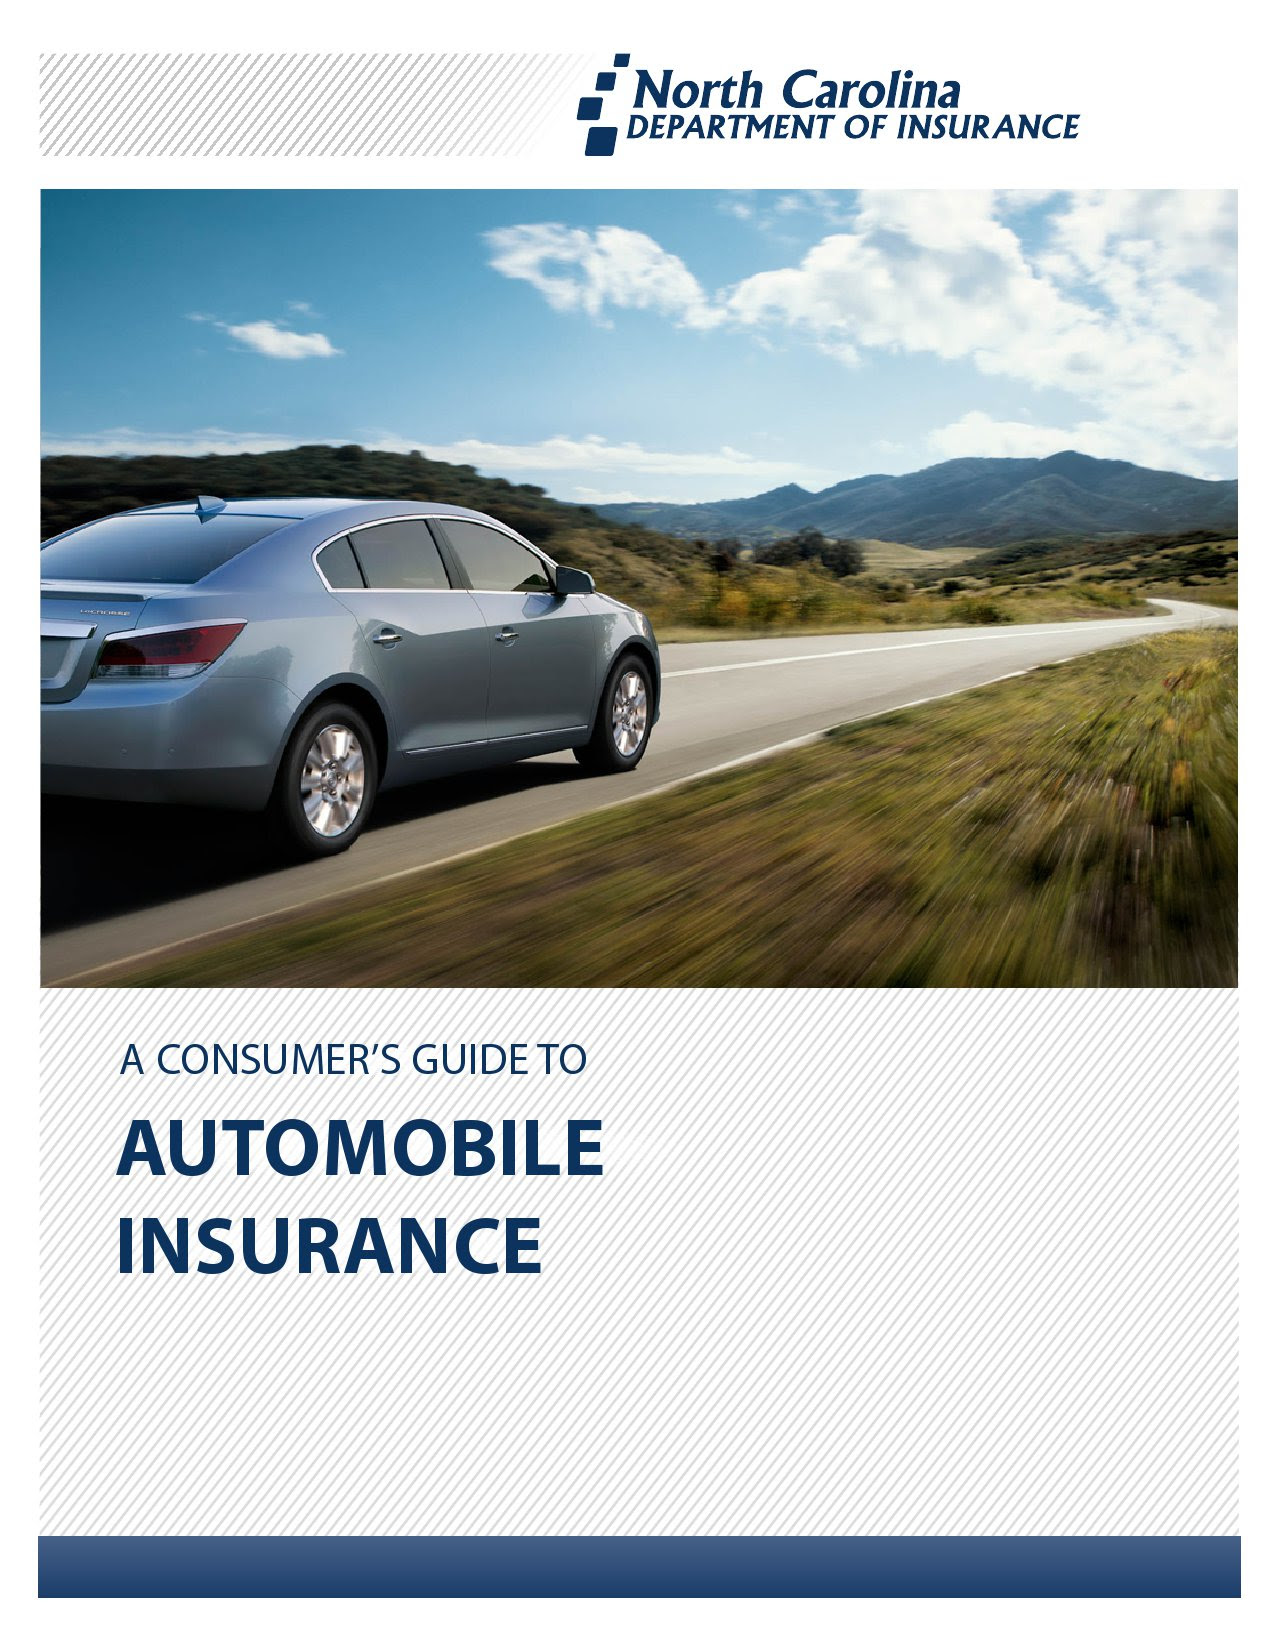 Consumer Guide to Automobile Insurance north carolina 2016